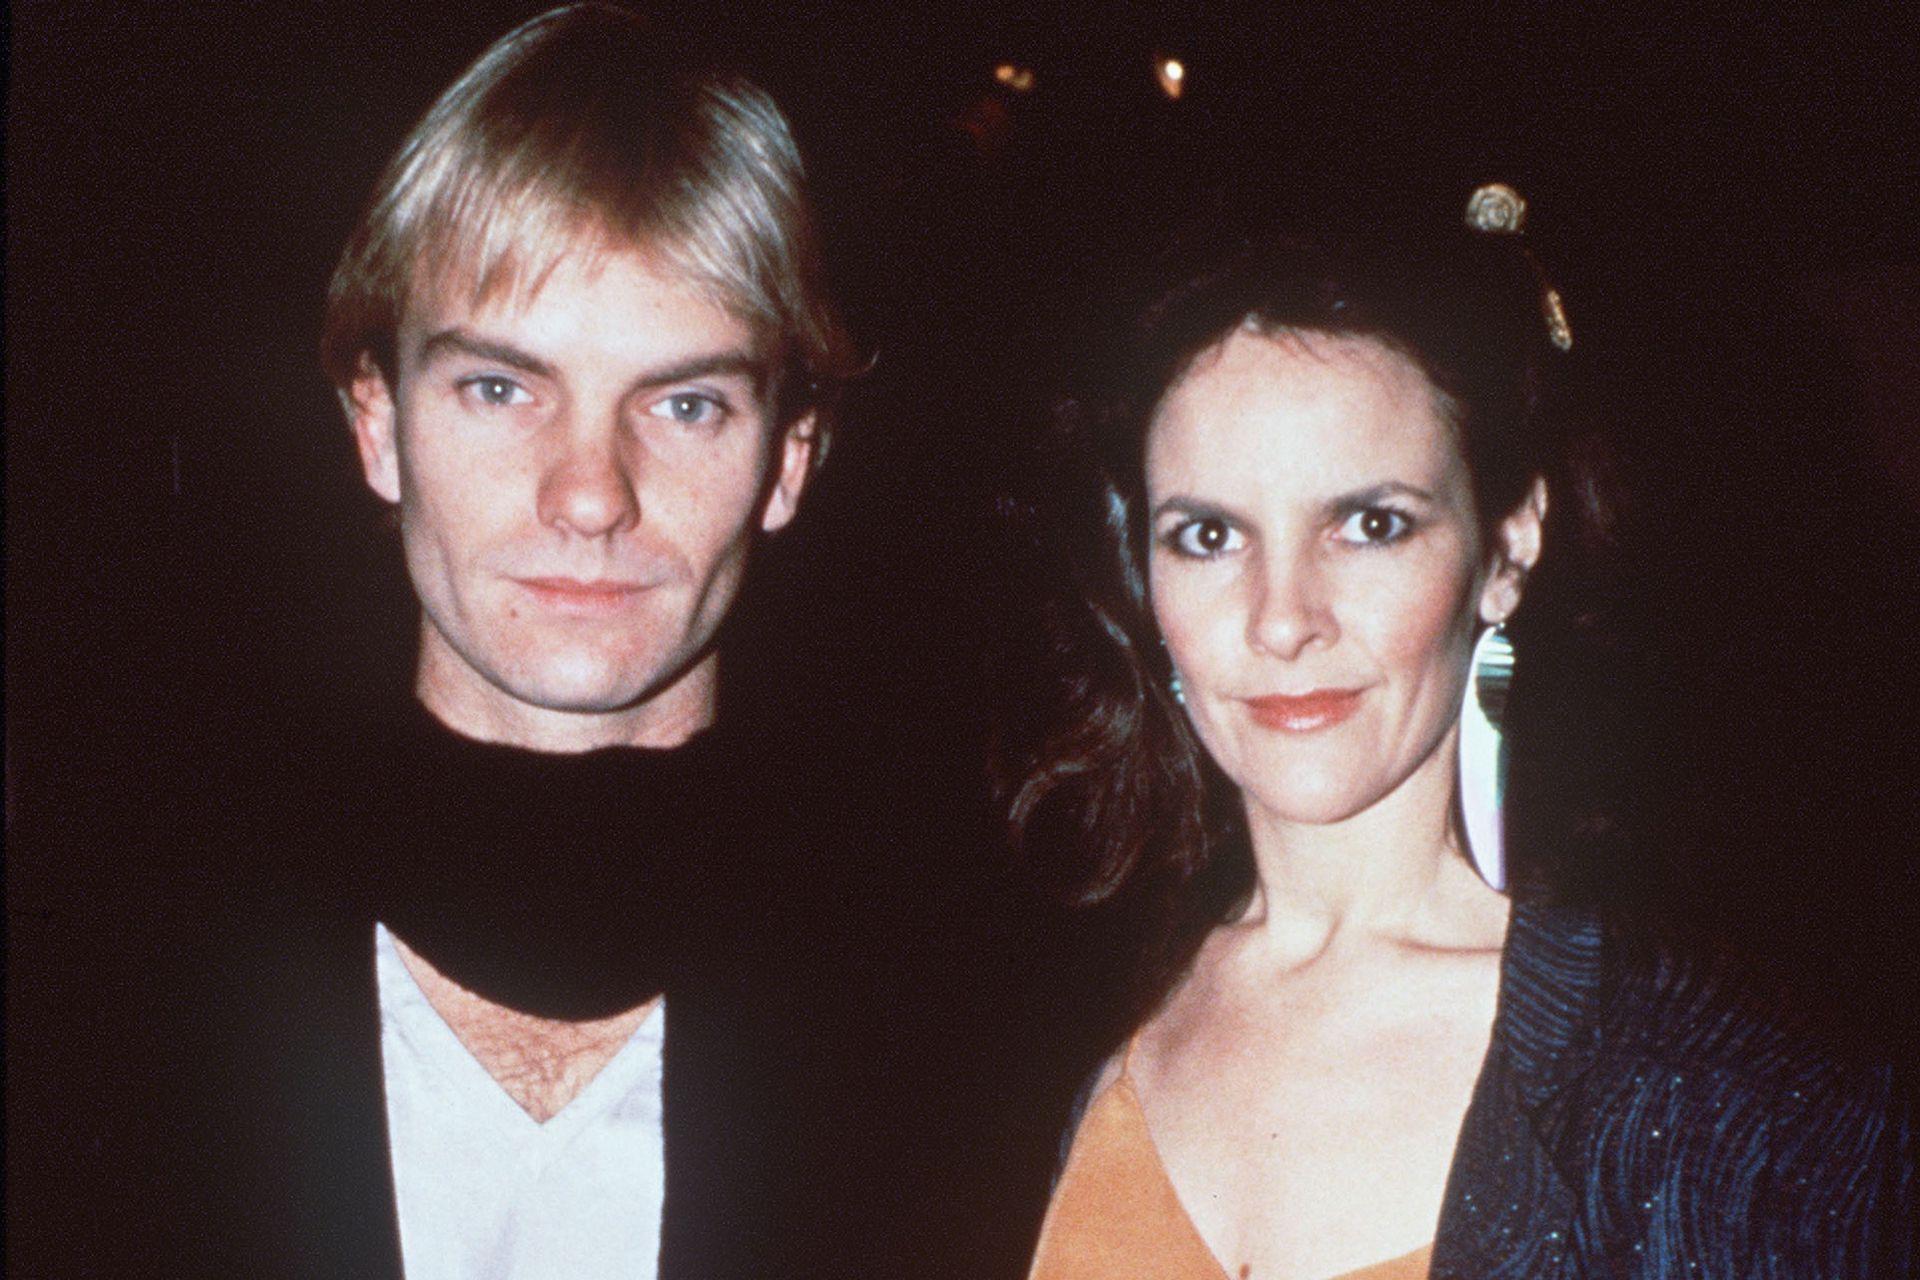 El cantante británico junto a su primera esposa, Frances Tomelty, con quien contrajo matrimonio el 1 de mayo de 1976